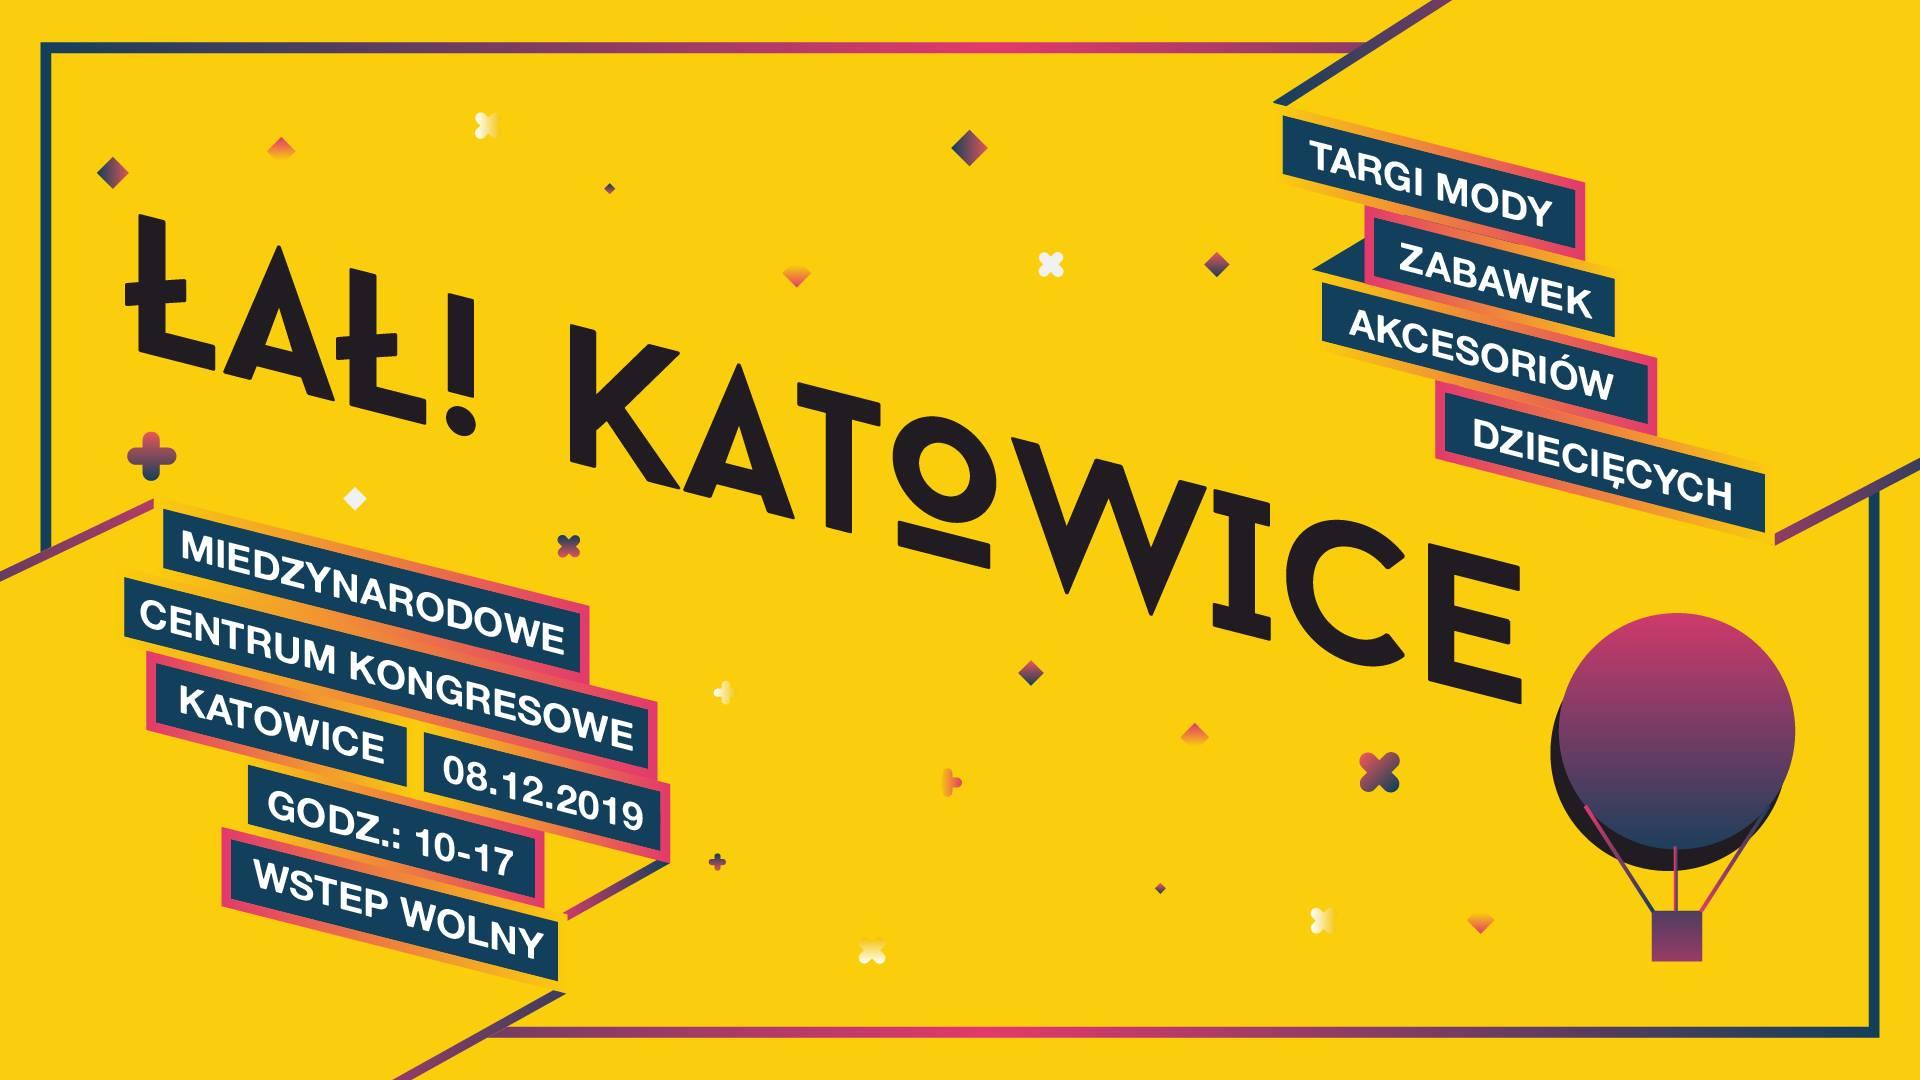 ŁAŁ! Katowice targi mody zabawek akcesoriów dziecięcych